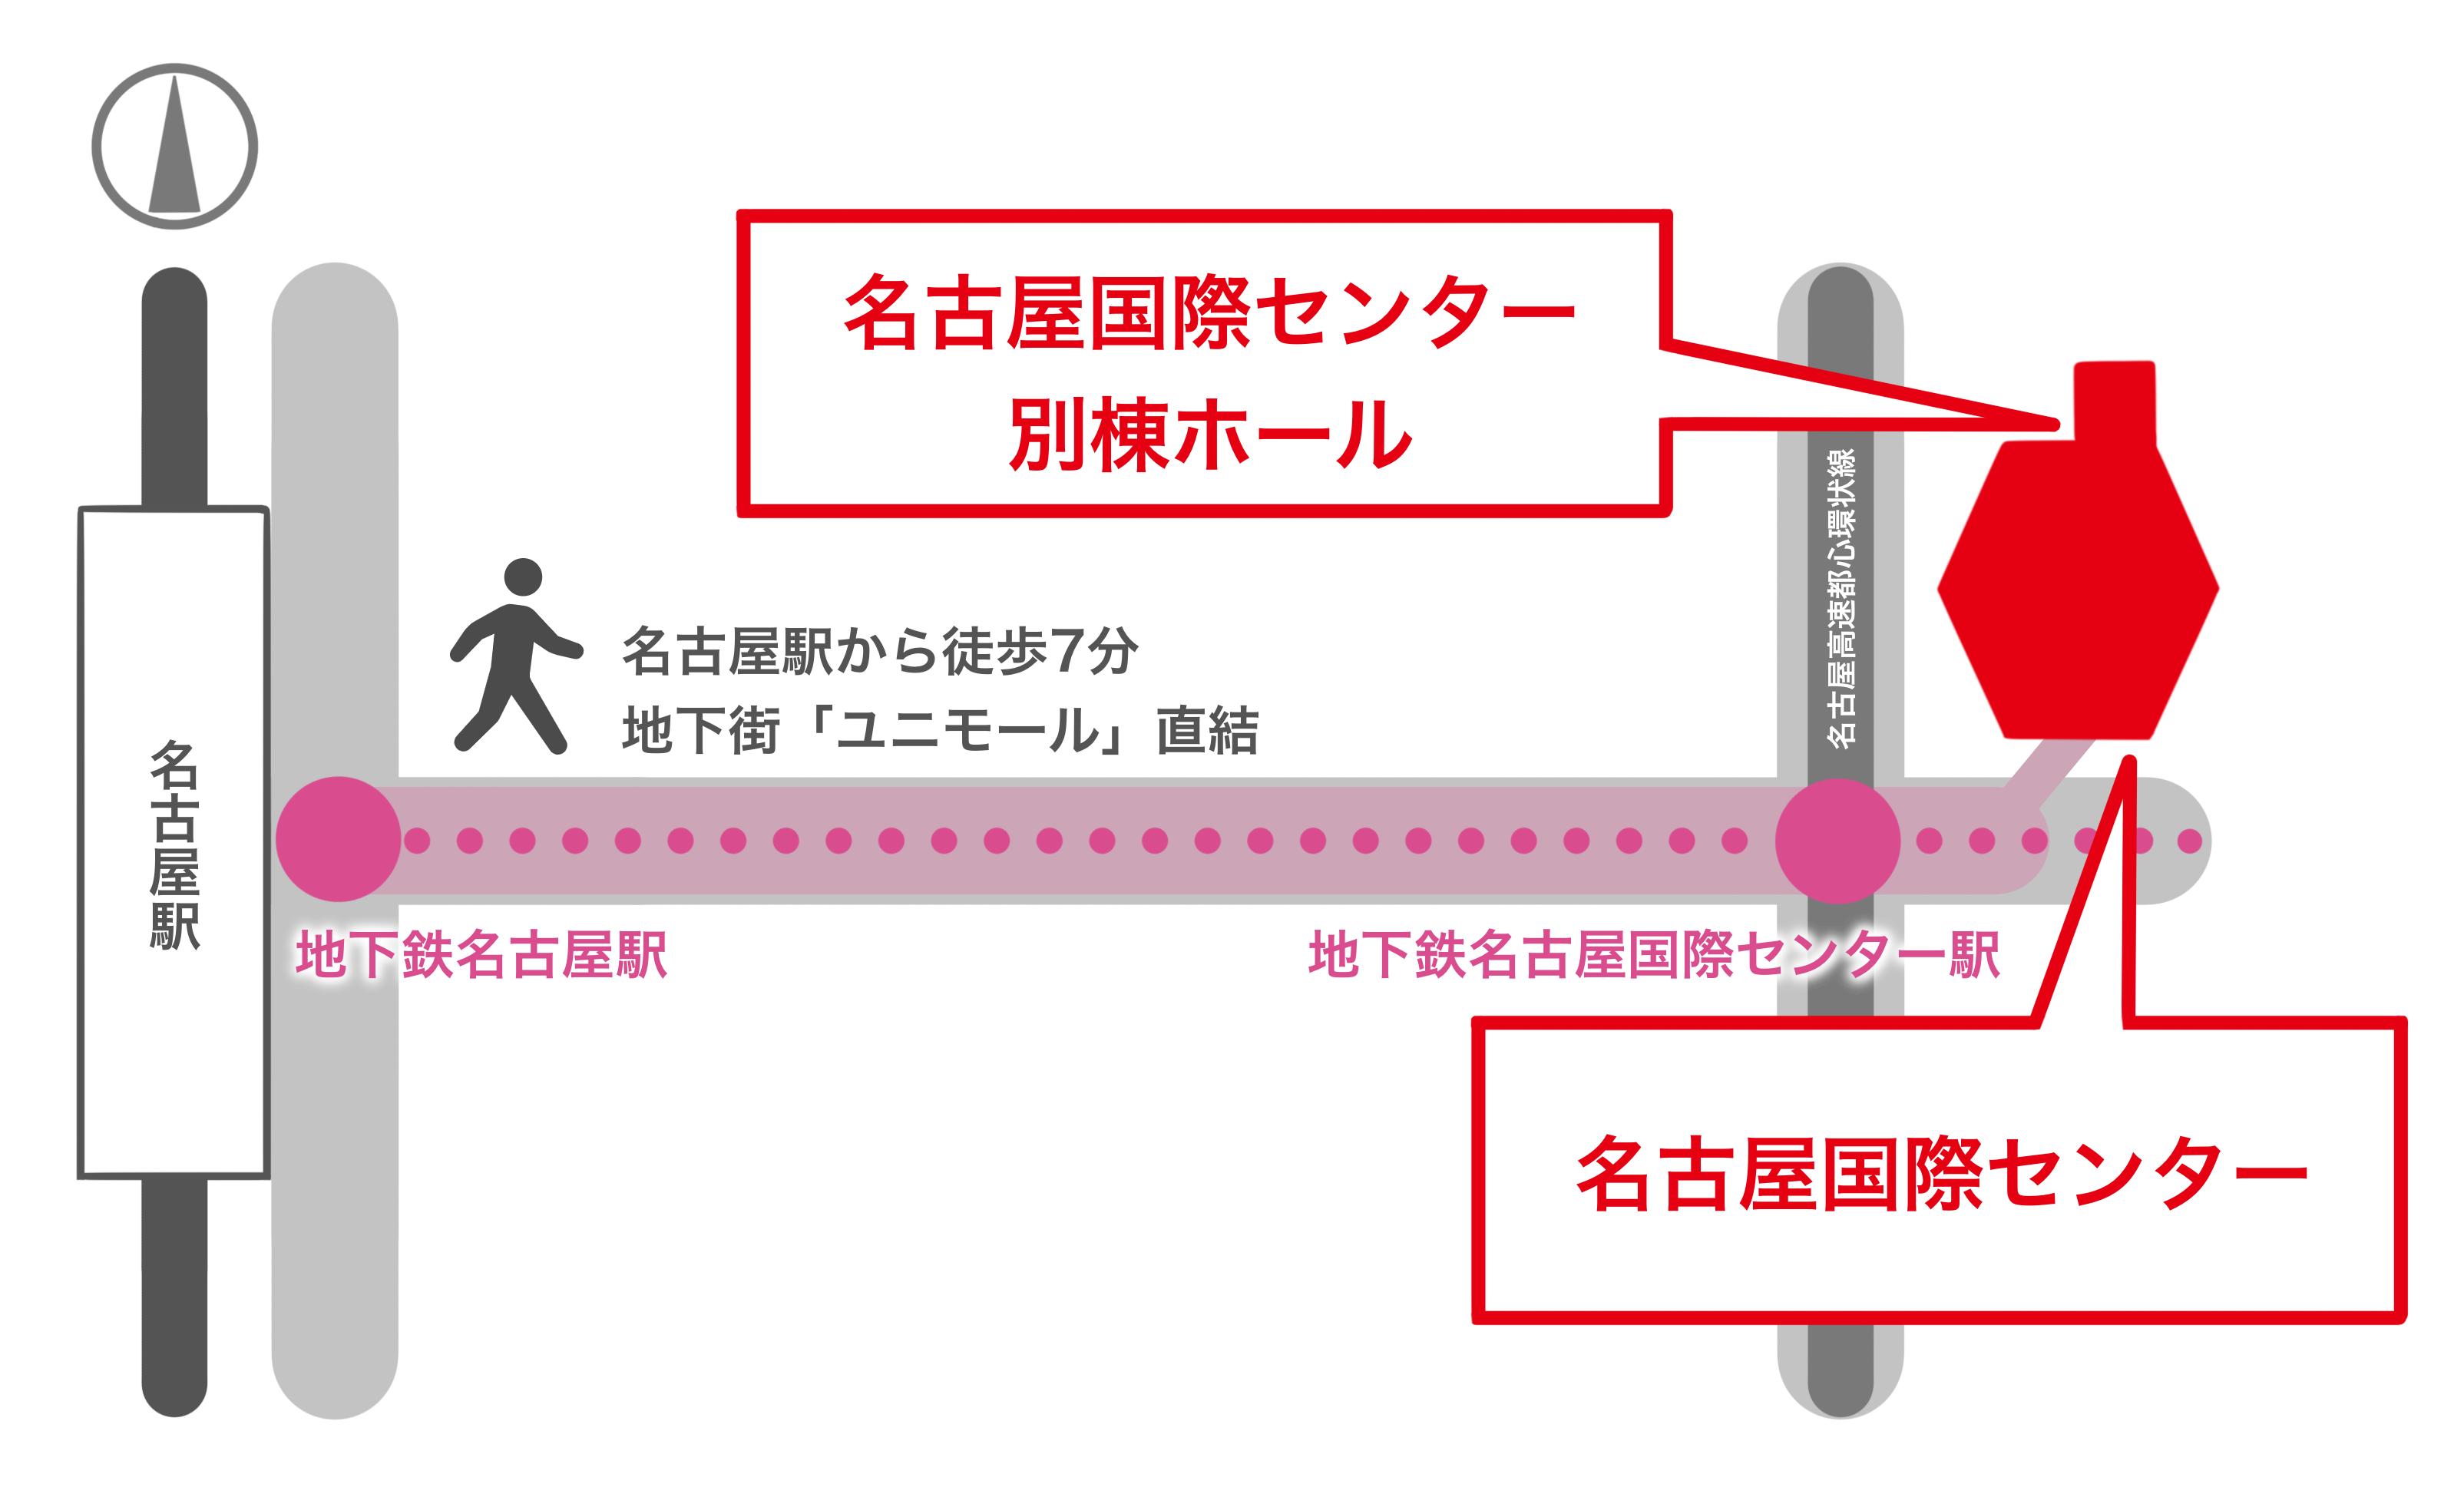 名古屋国際センターアクセスマップ